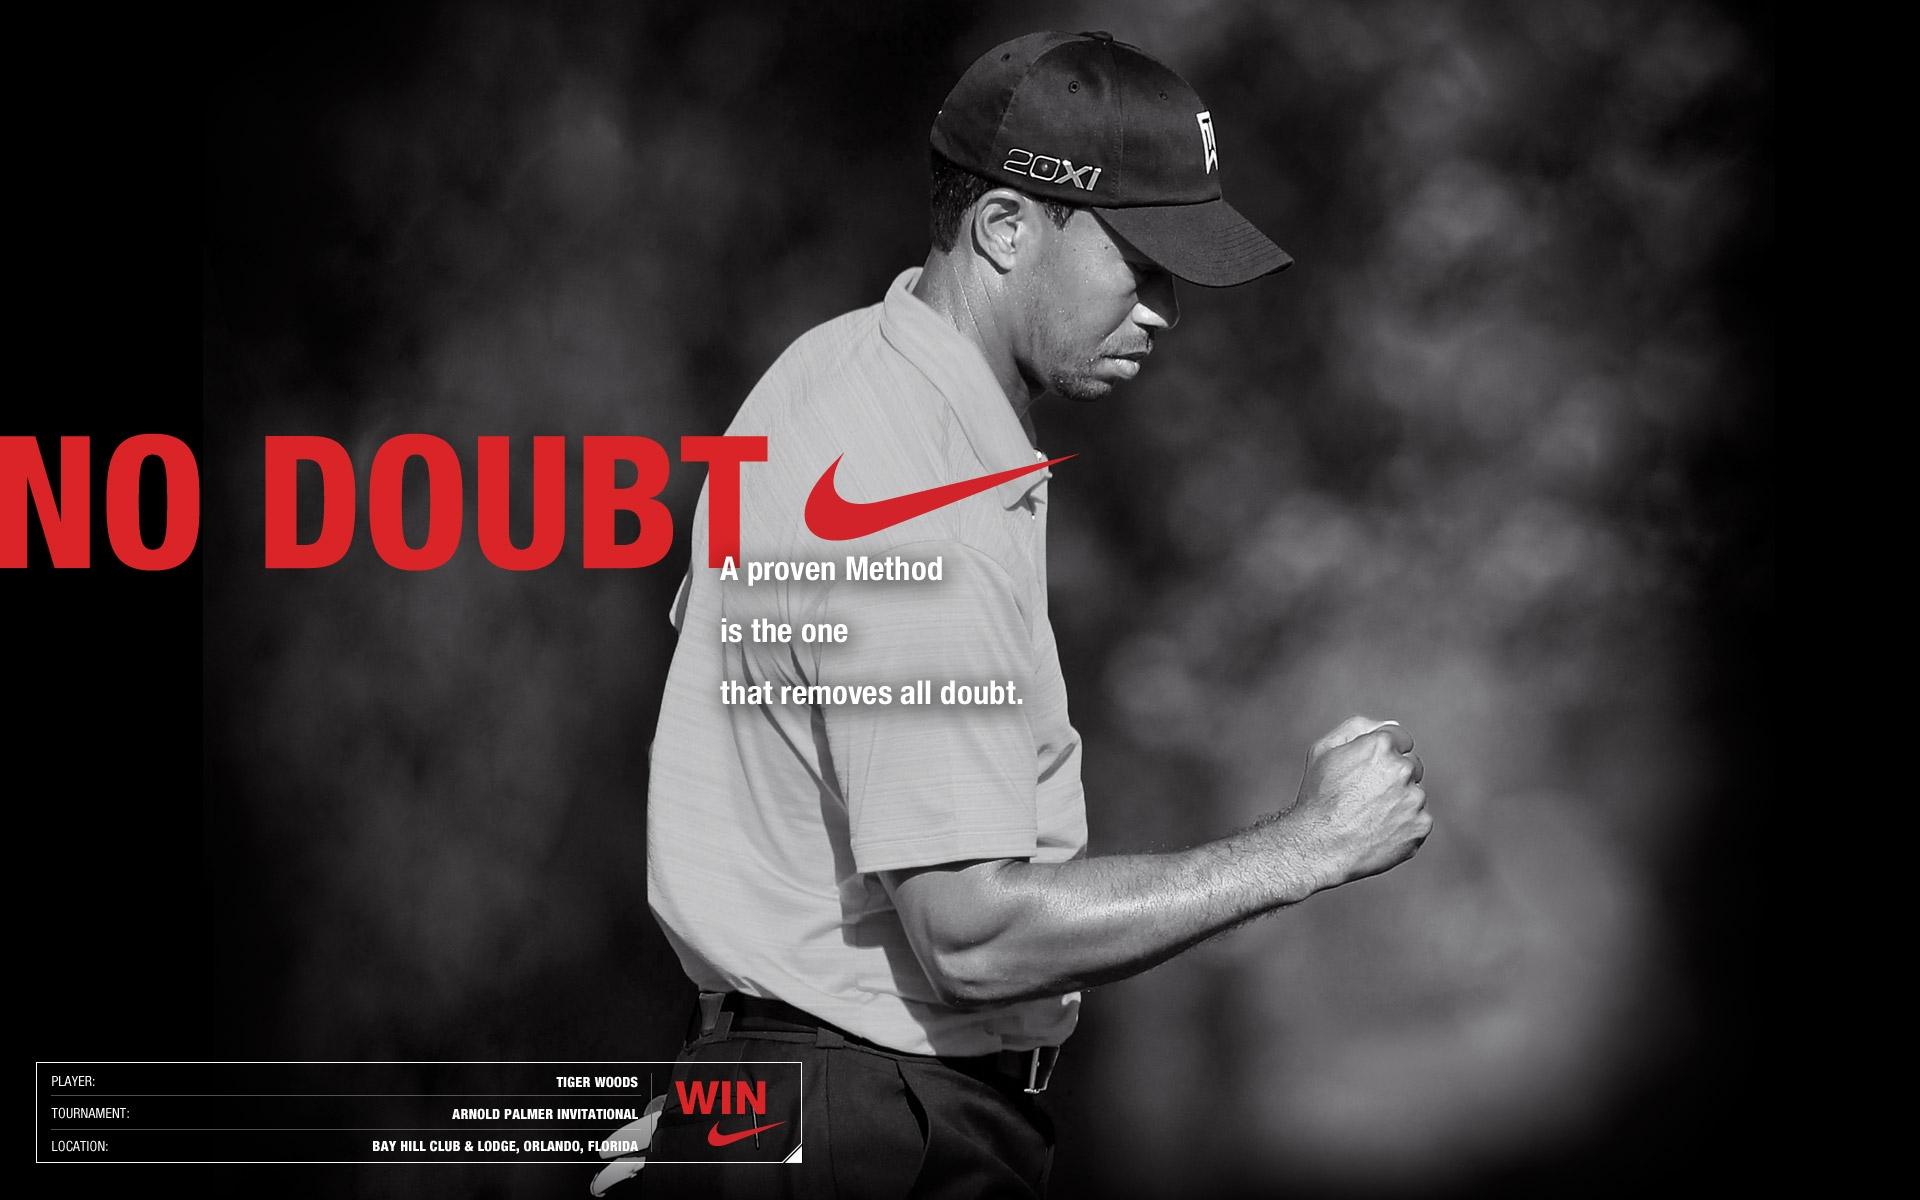 Nike golf wallpapers wallpapersafari - Tiger woods desktop wallpaper ...